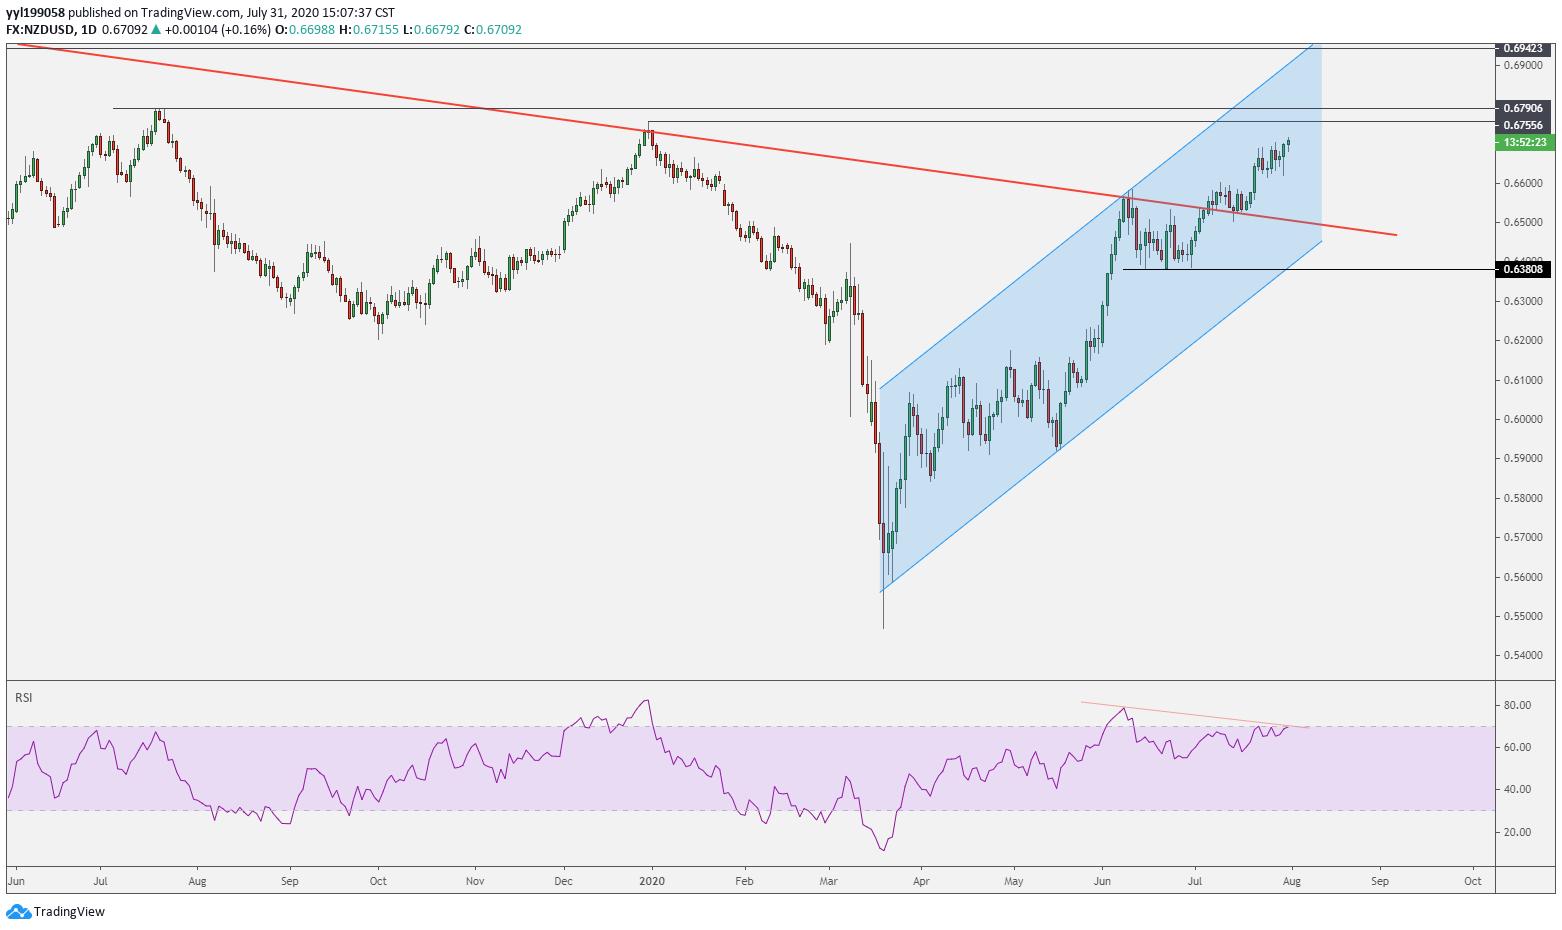 美元跌勢不改,澳元/美元、紐元/美元走勢預測